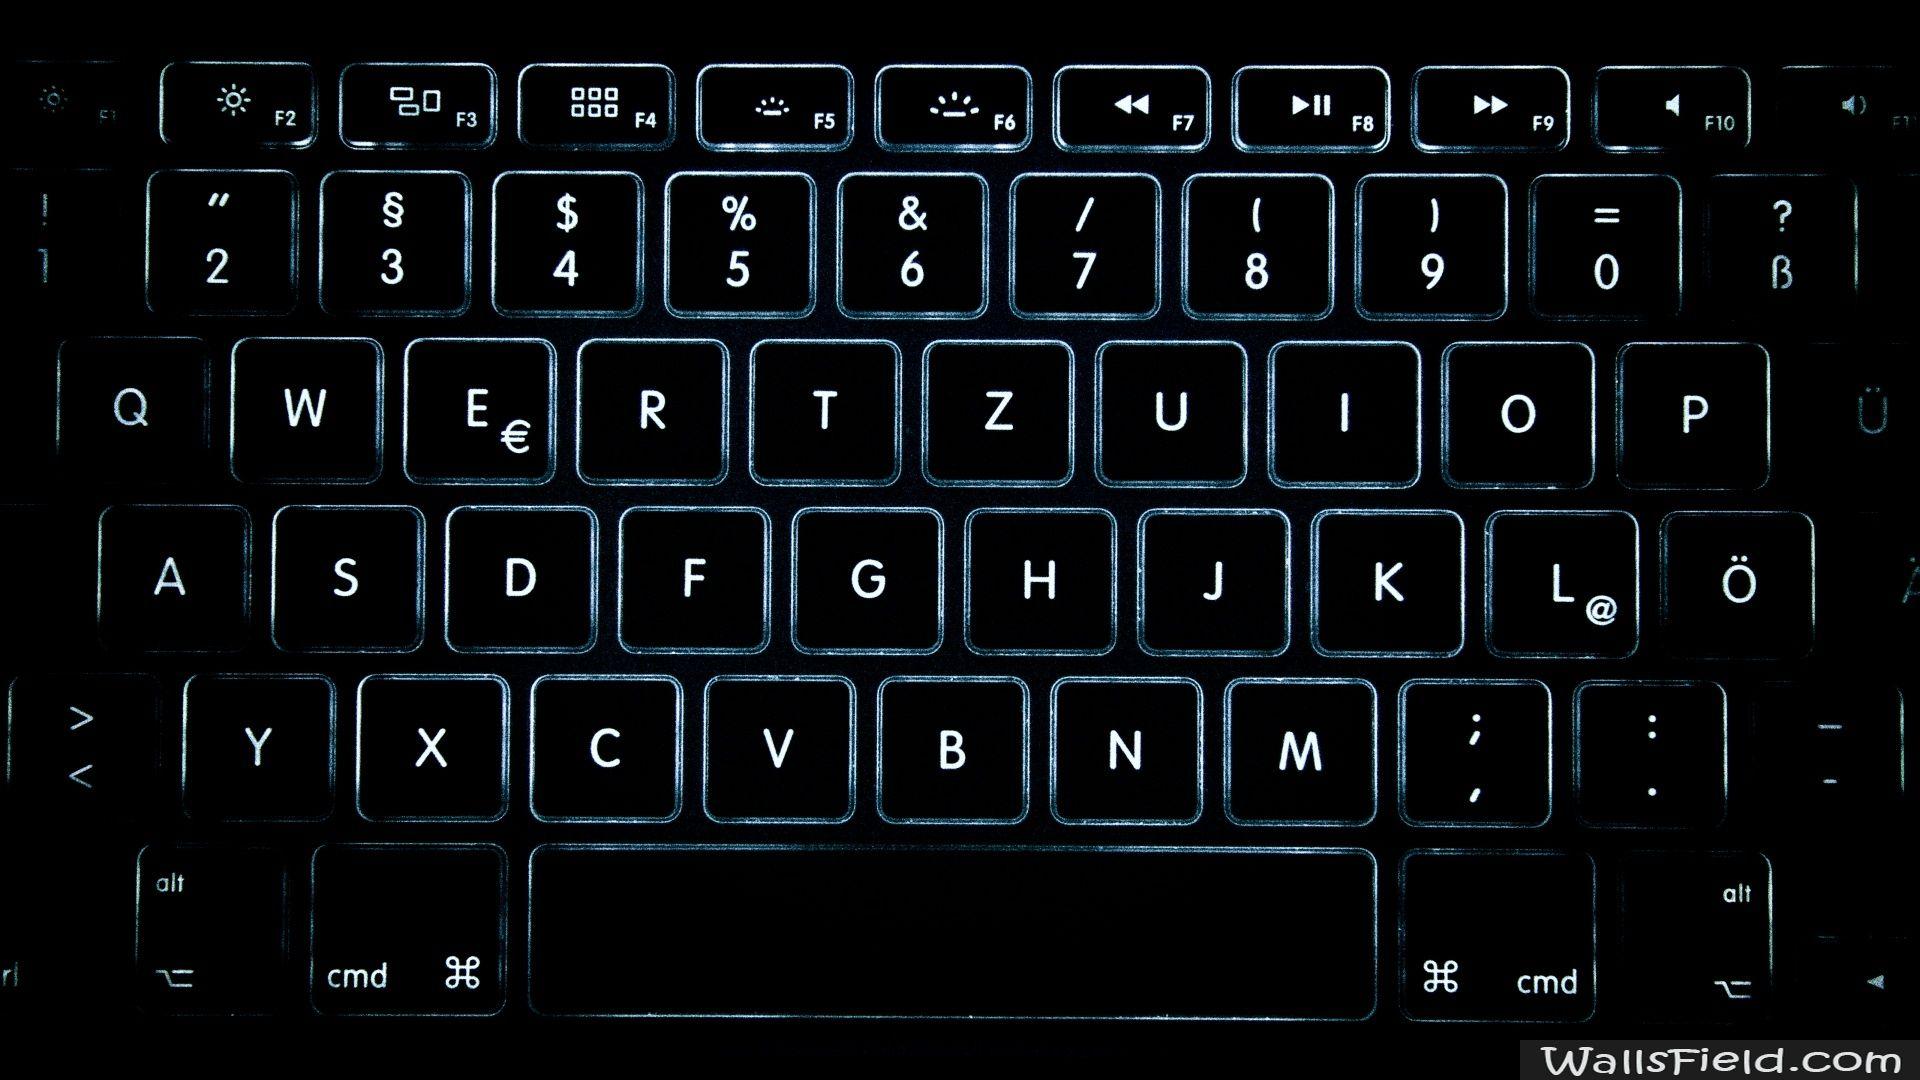 Just Keys Wallsfield Com Free Hd Wallpapers Keyboard Keyboard Technology Computer Keyboard